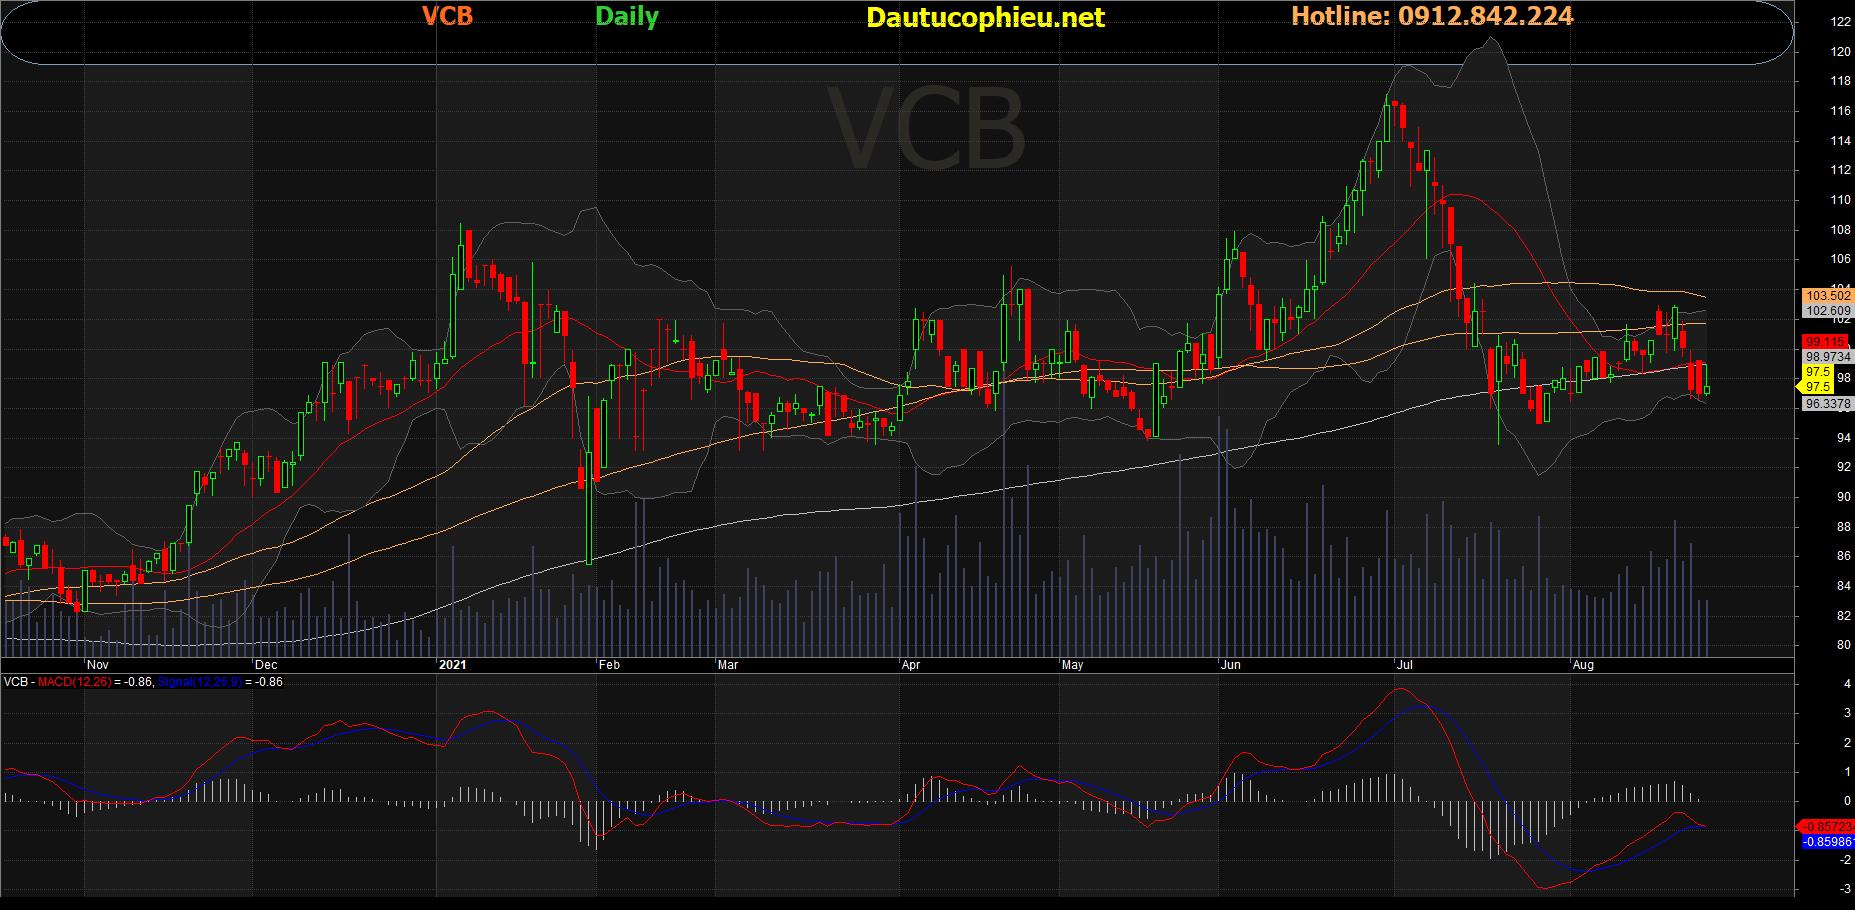 Đồ thị cổ phiếu VCB phiên giao dịch ngày 25/08/2021. Nguồn: AmiBroker